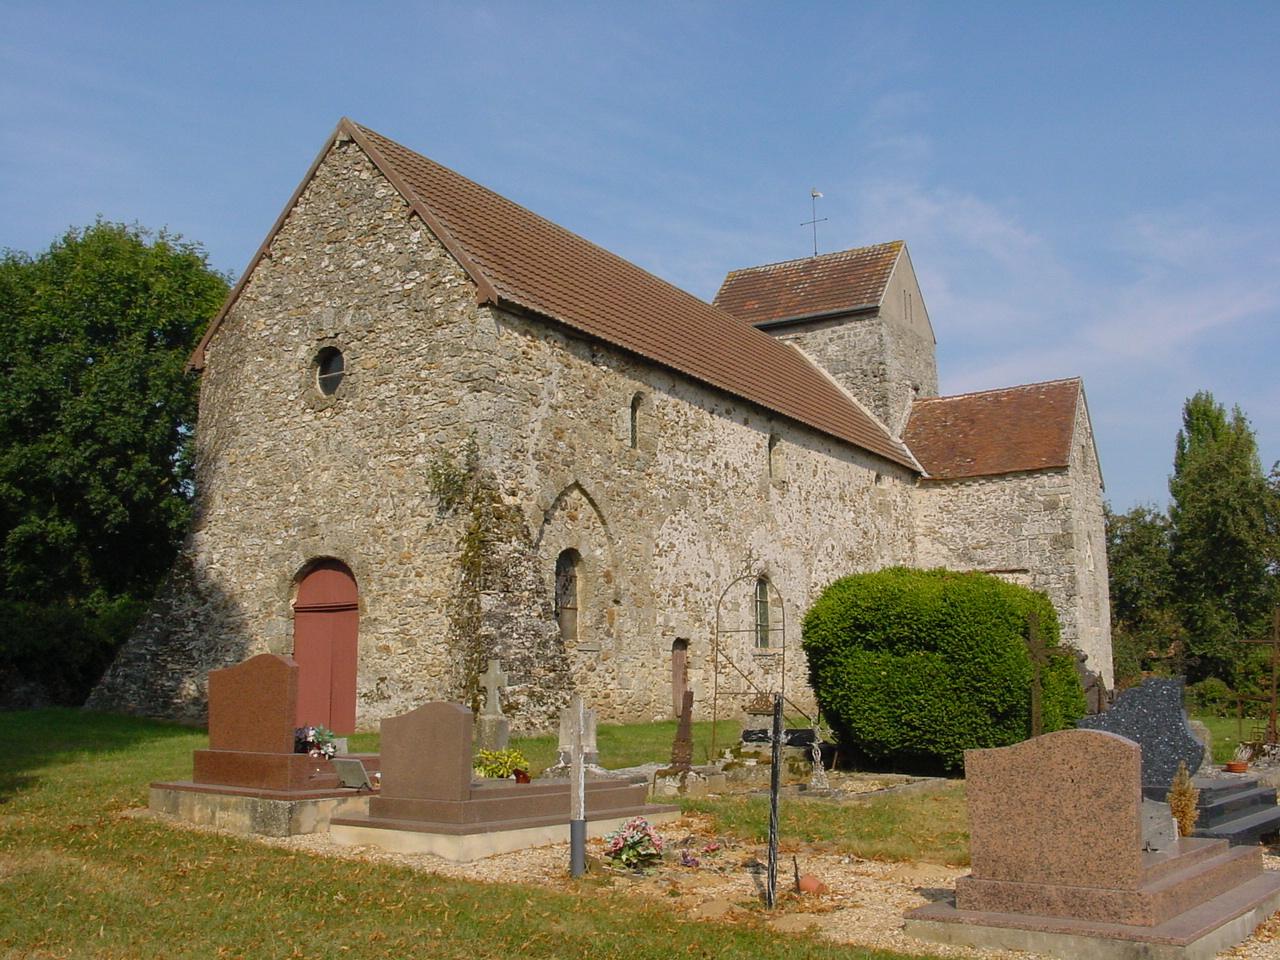 Eglise de la Chapelle ss Orbais